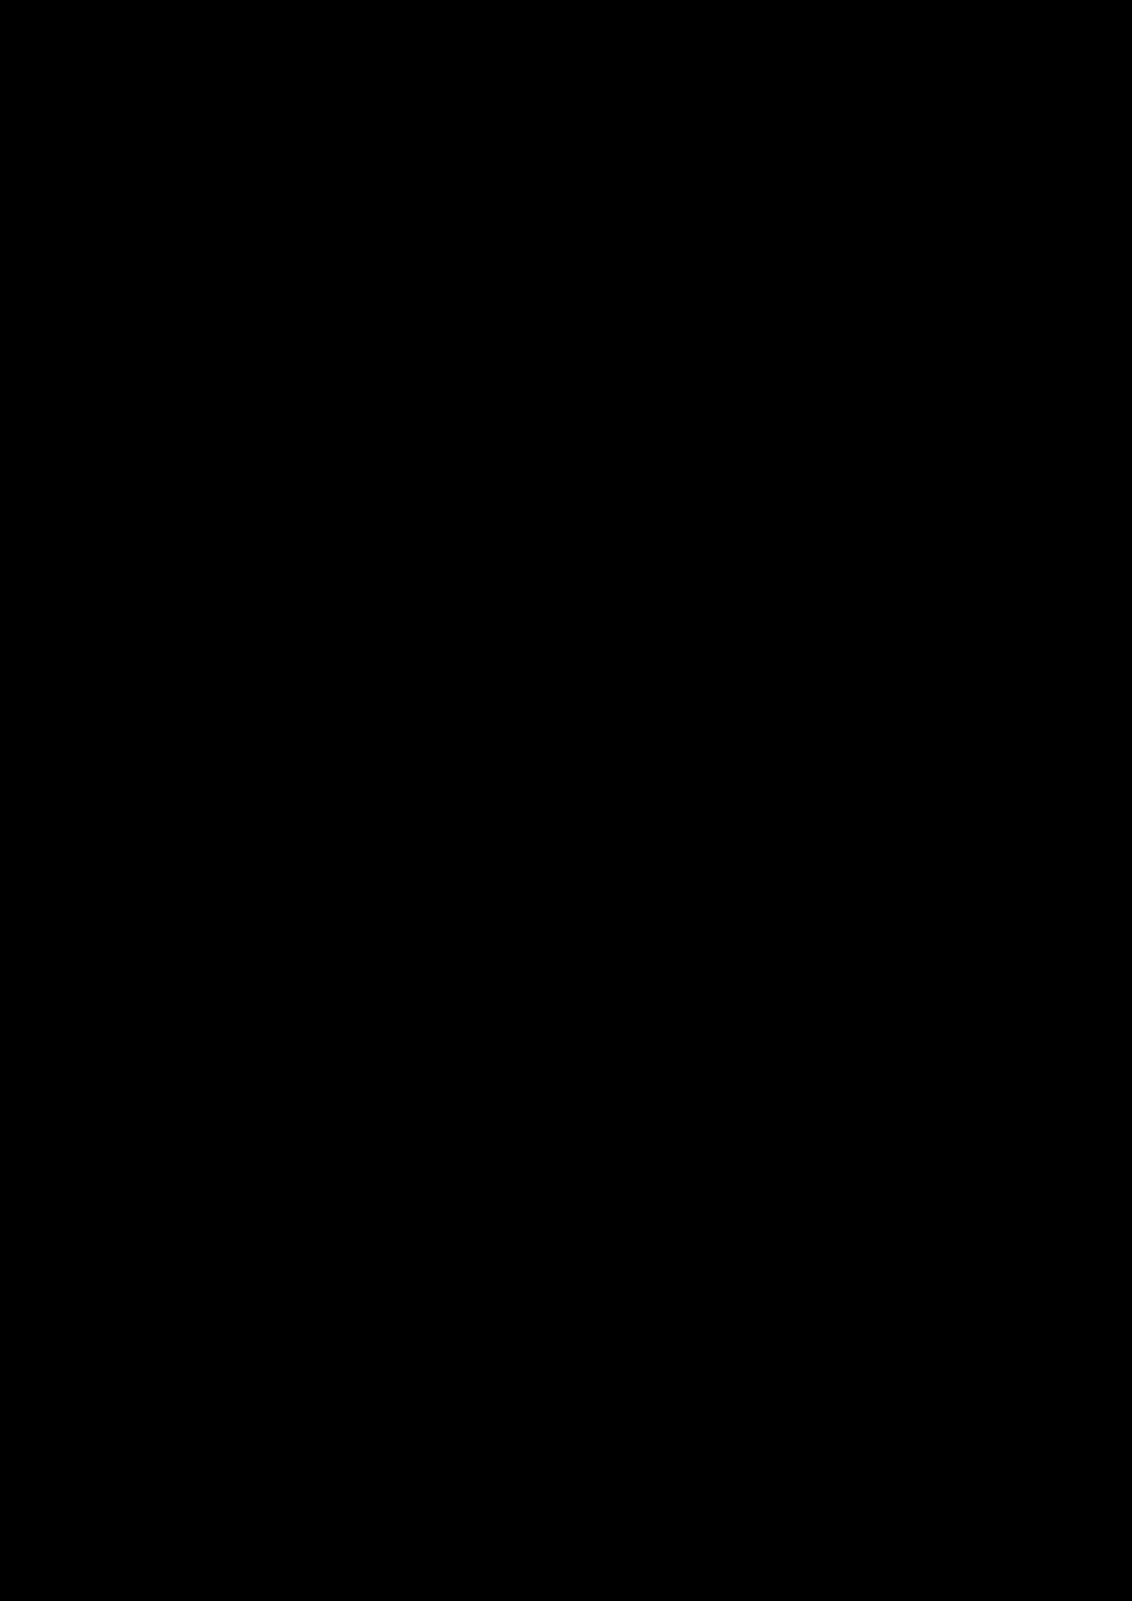 Serdtse slide, Image 38